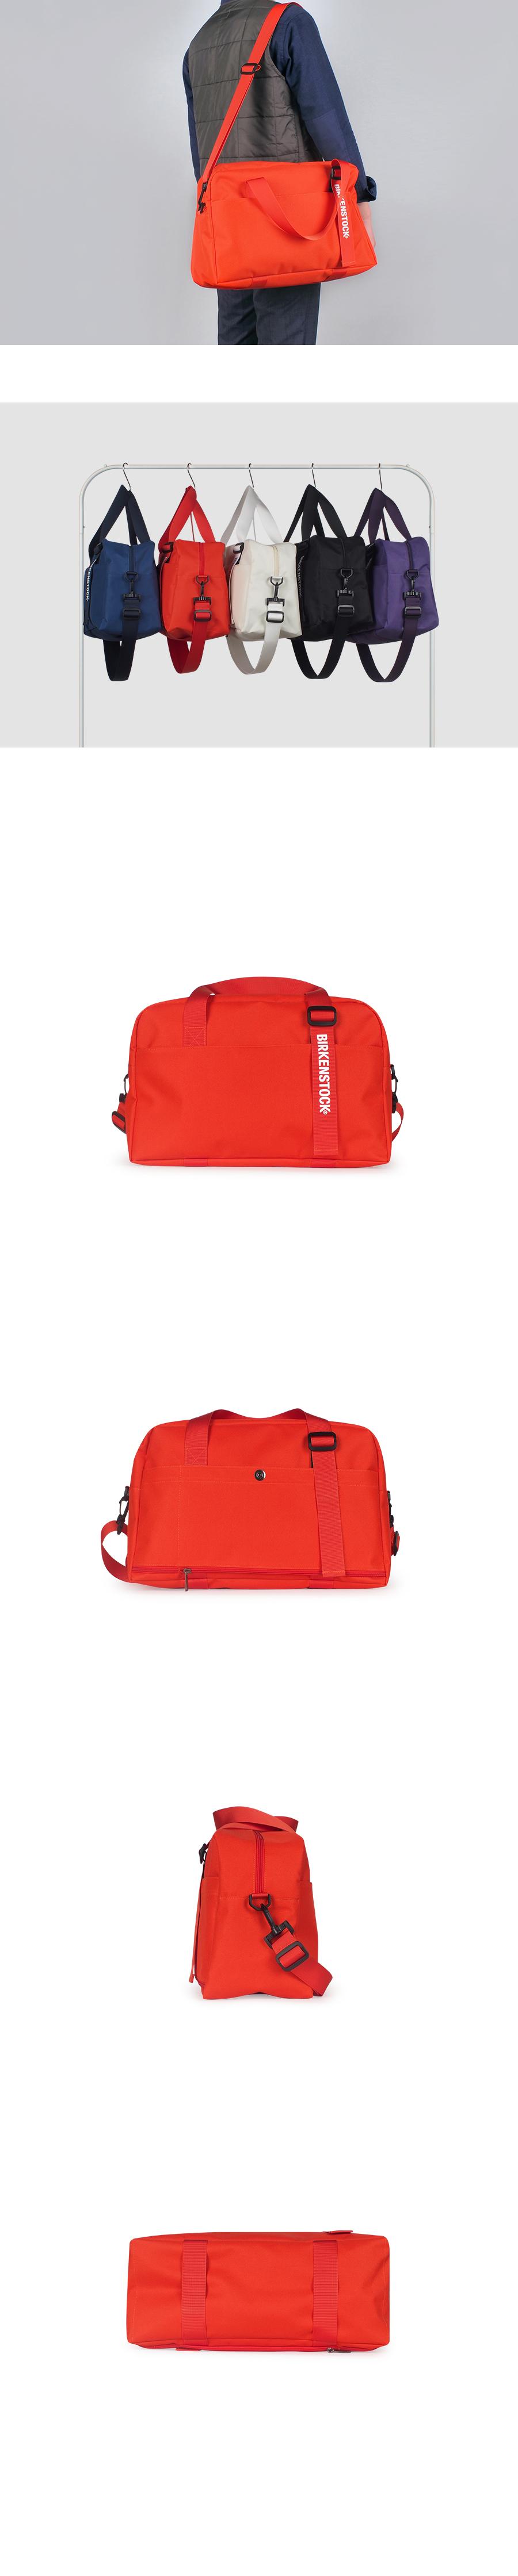 B01_orange01.jpg